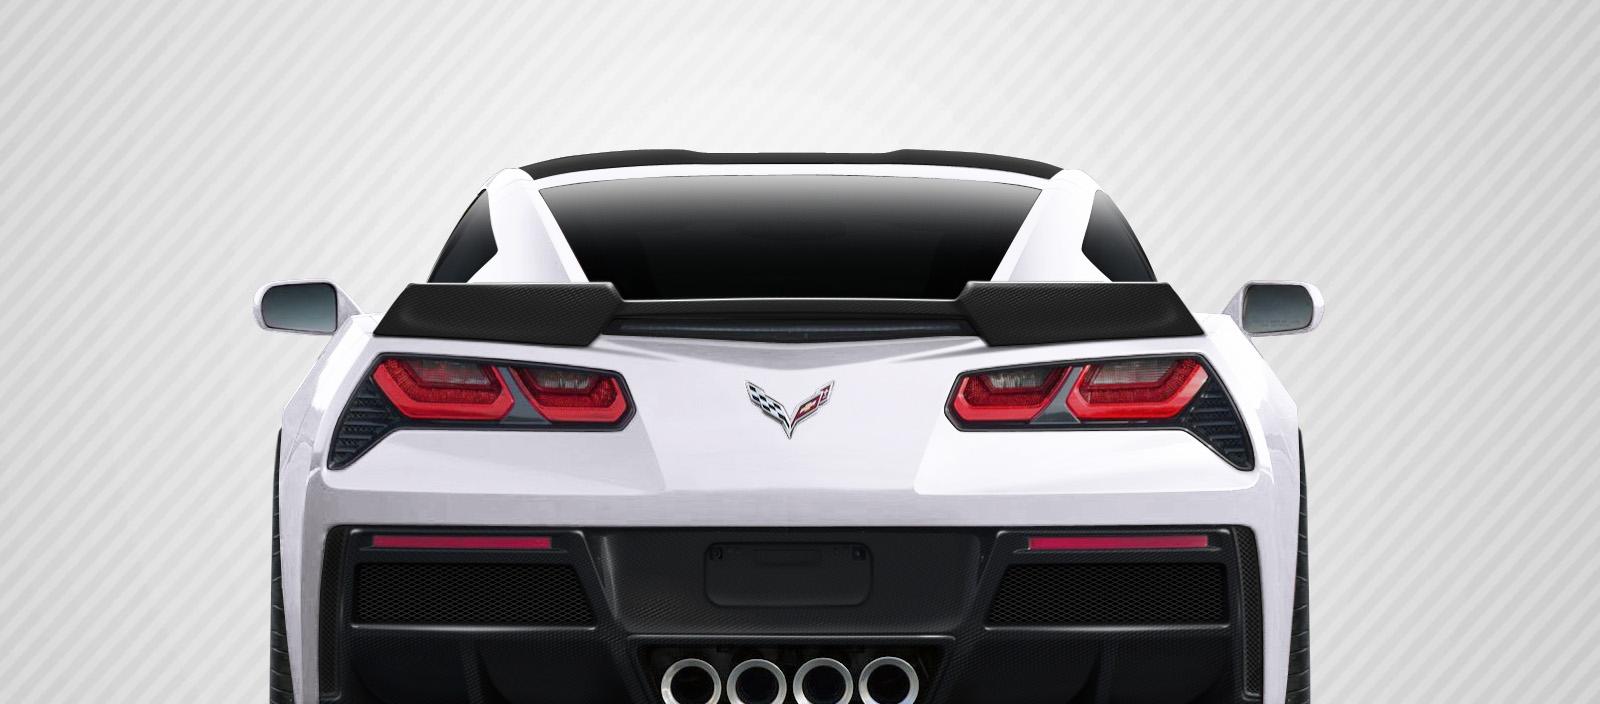 2016 Chevrolet Corvette ALL - Carbon Fiber Fibre Wing Spoiler Bodykit - Chevrolet Corvette C7 Carbon Creations Gran Veloce Wing- 1 Piece